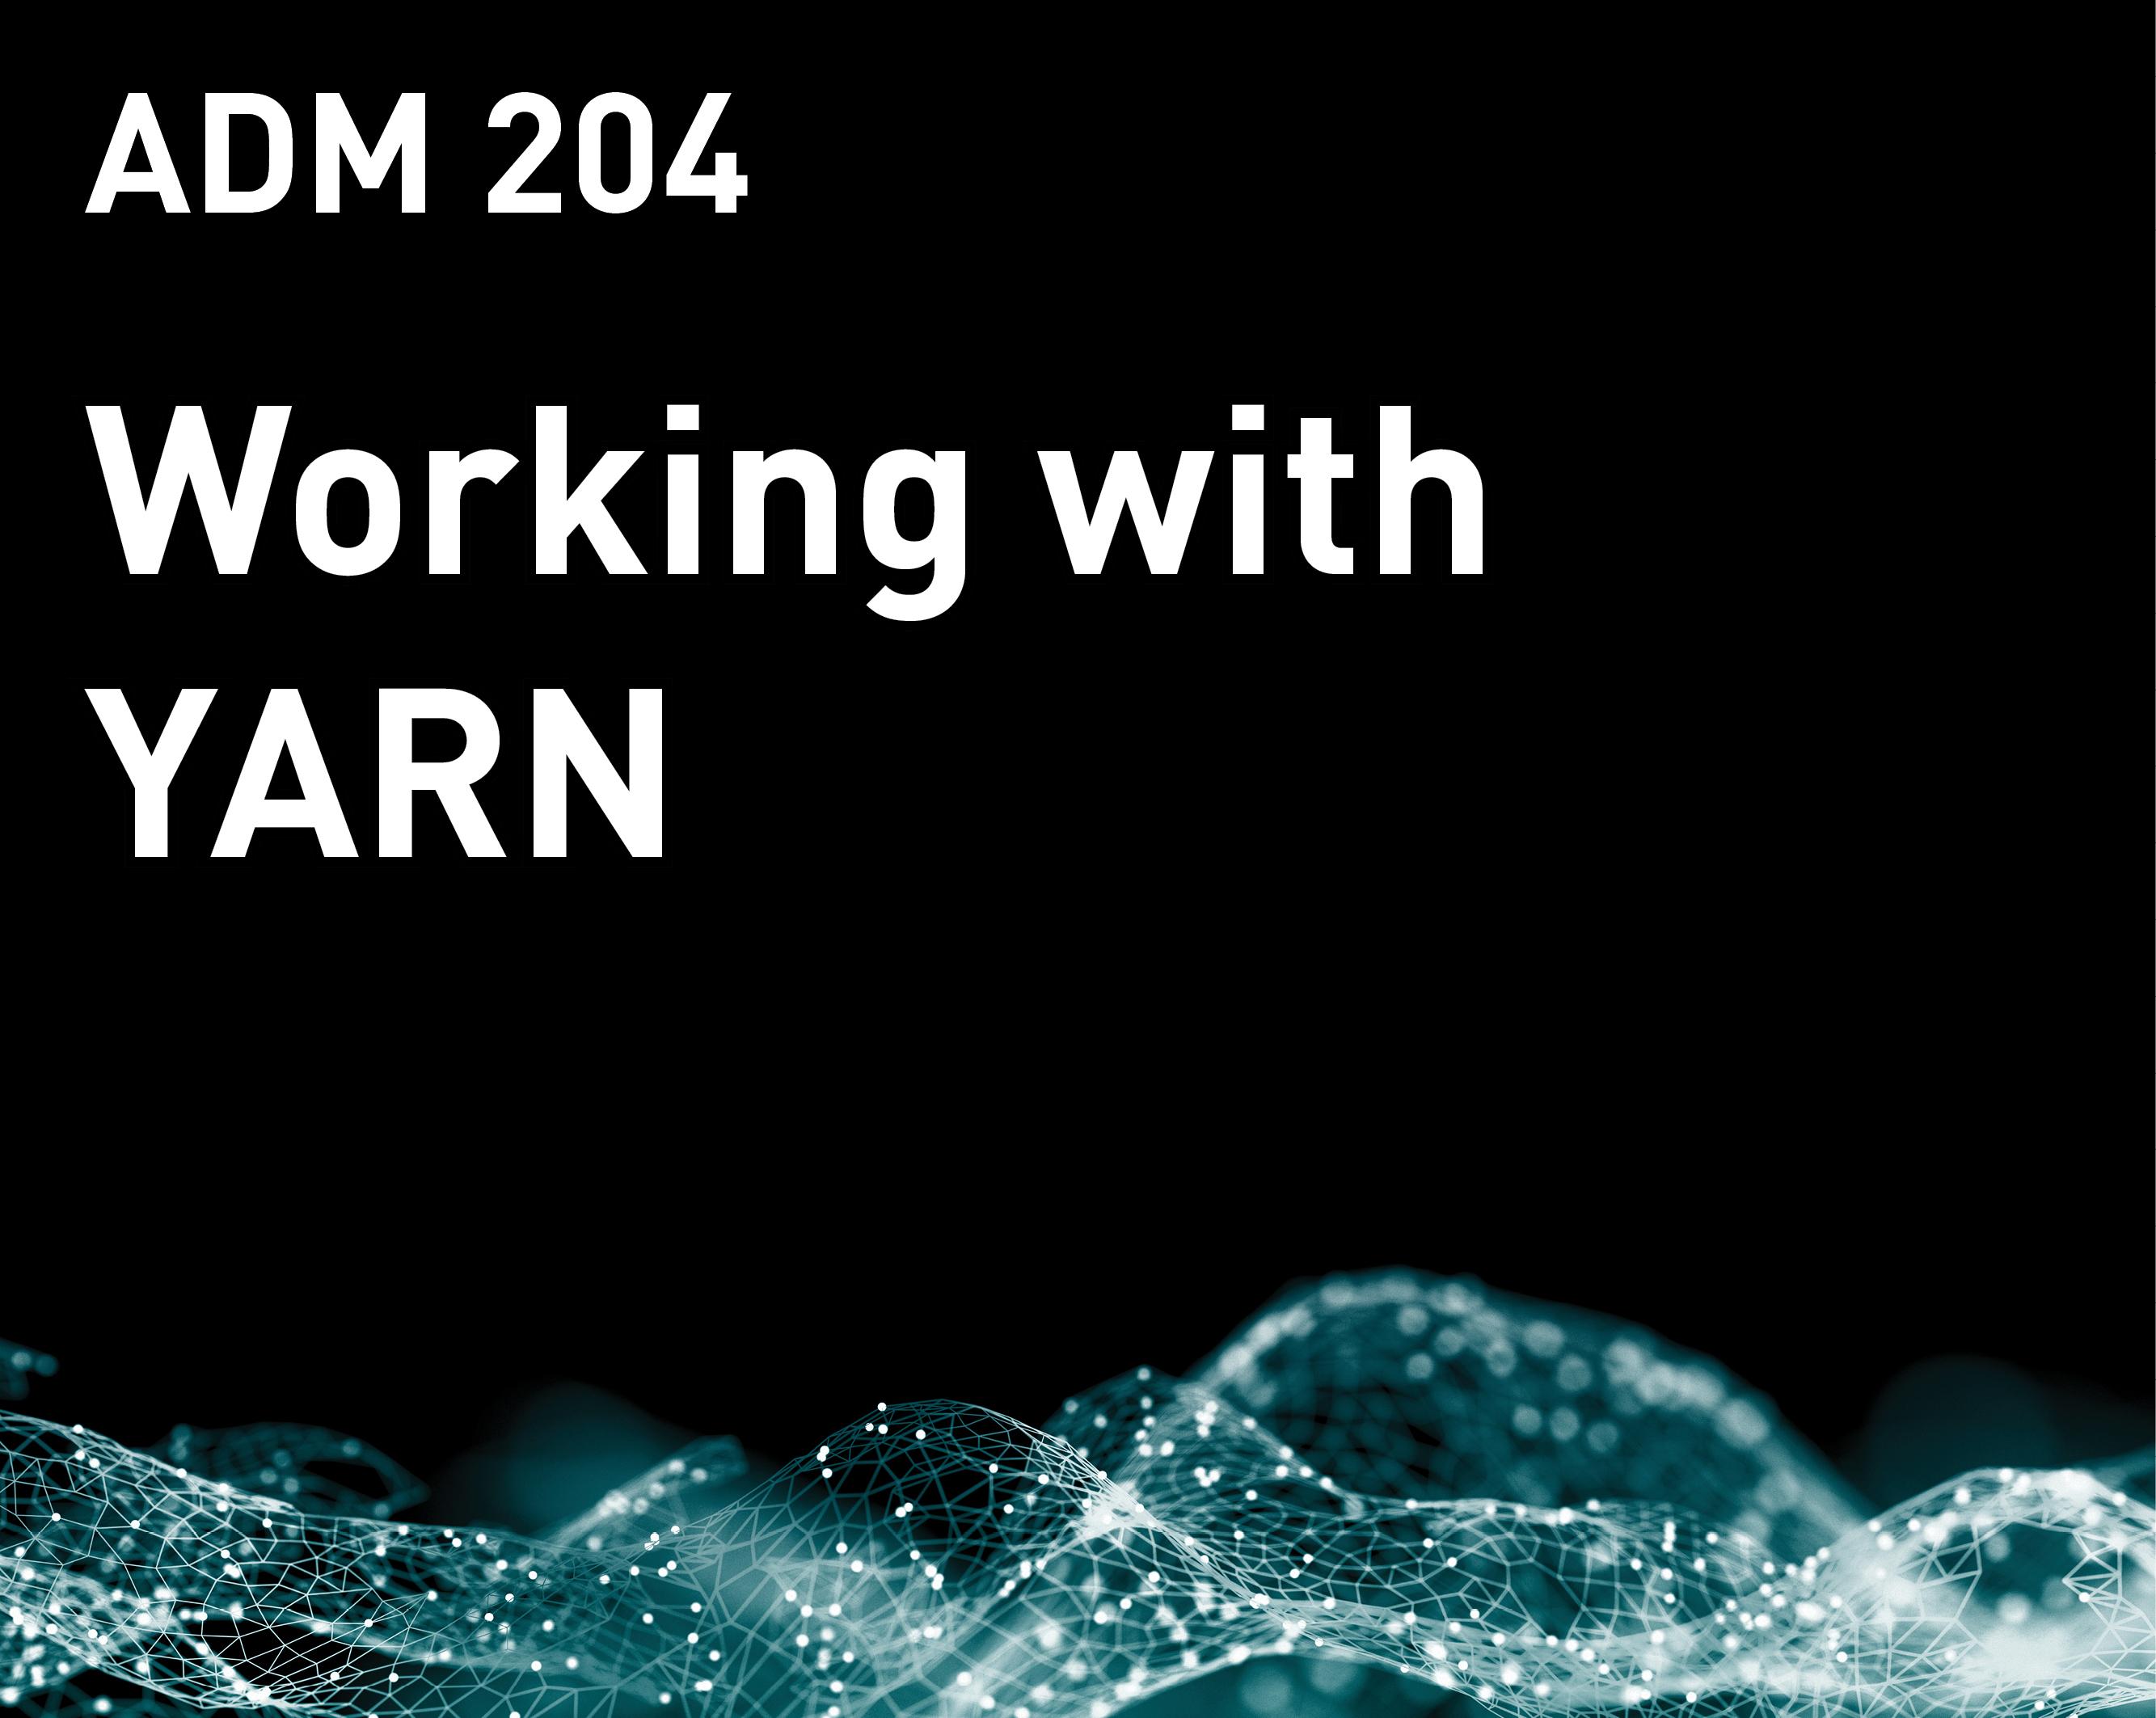 Working with YARN (MapR v6)